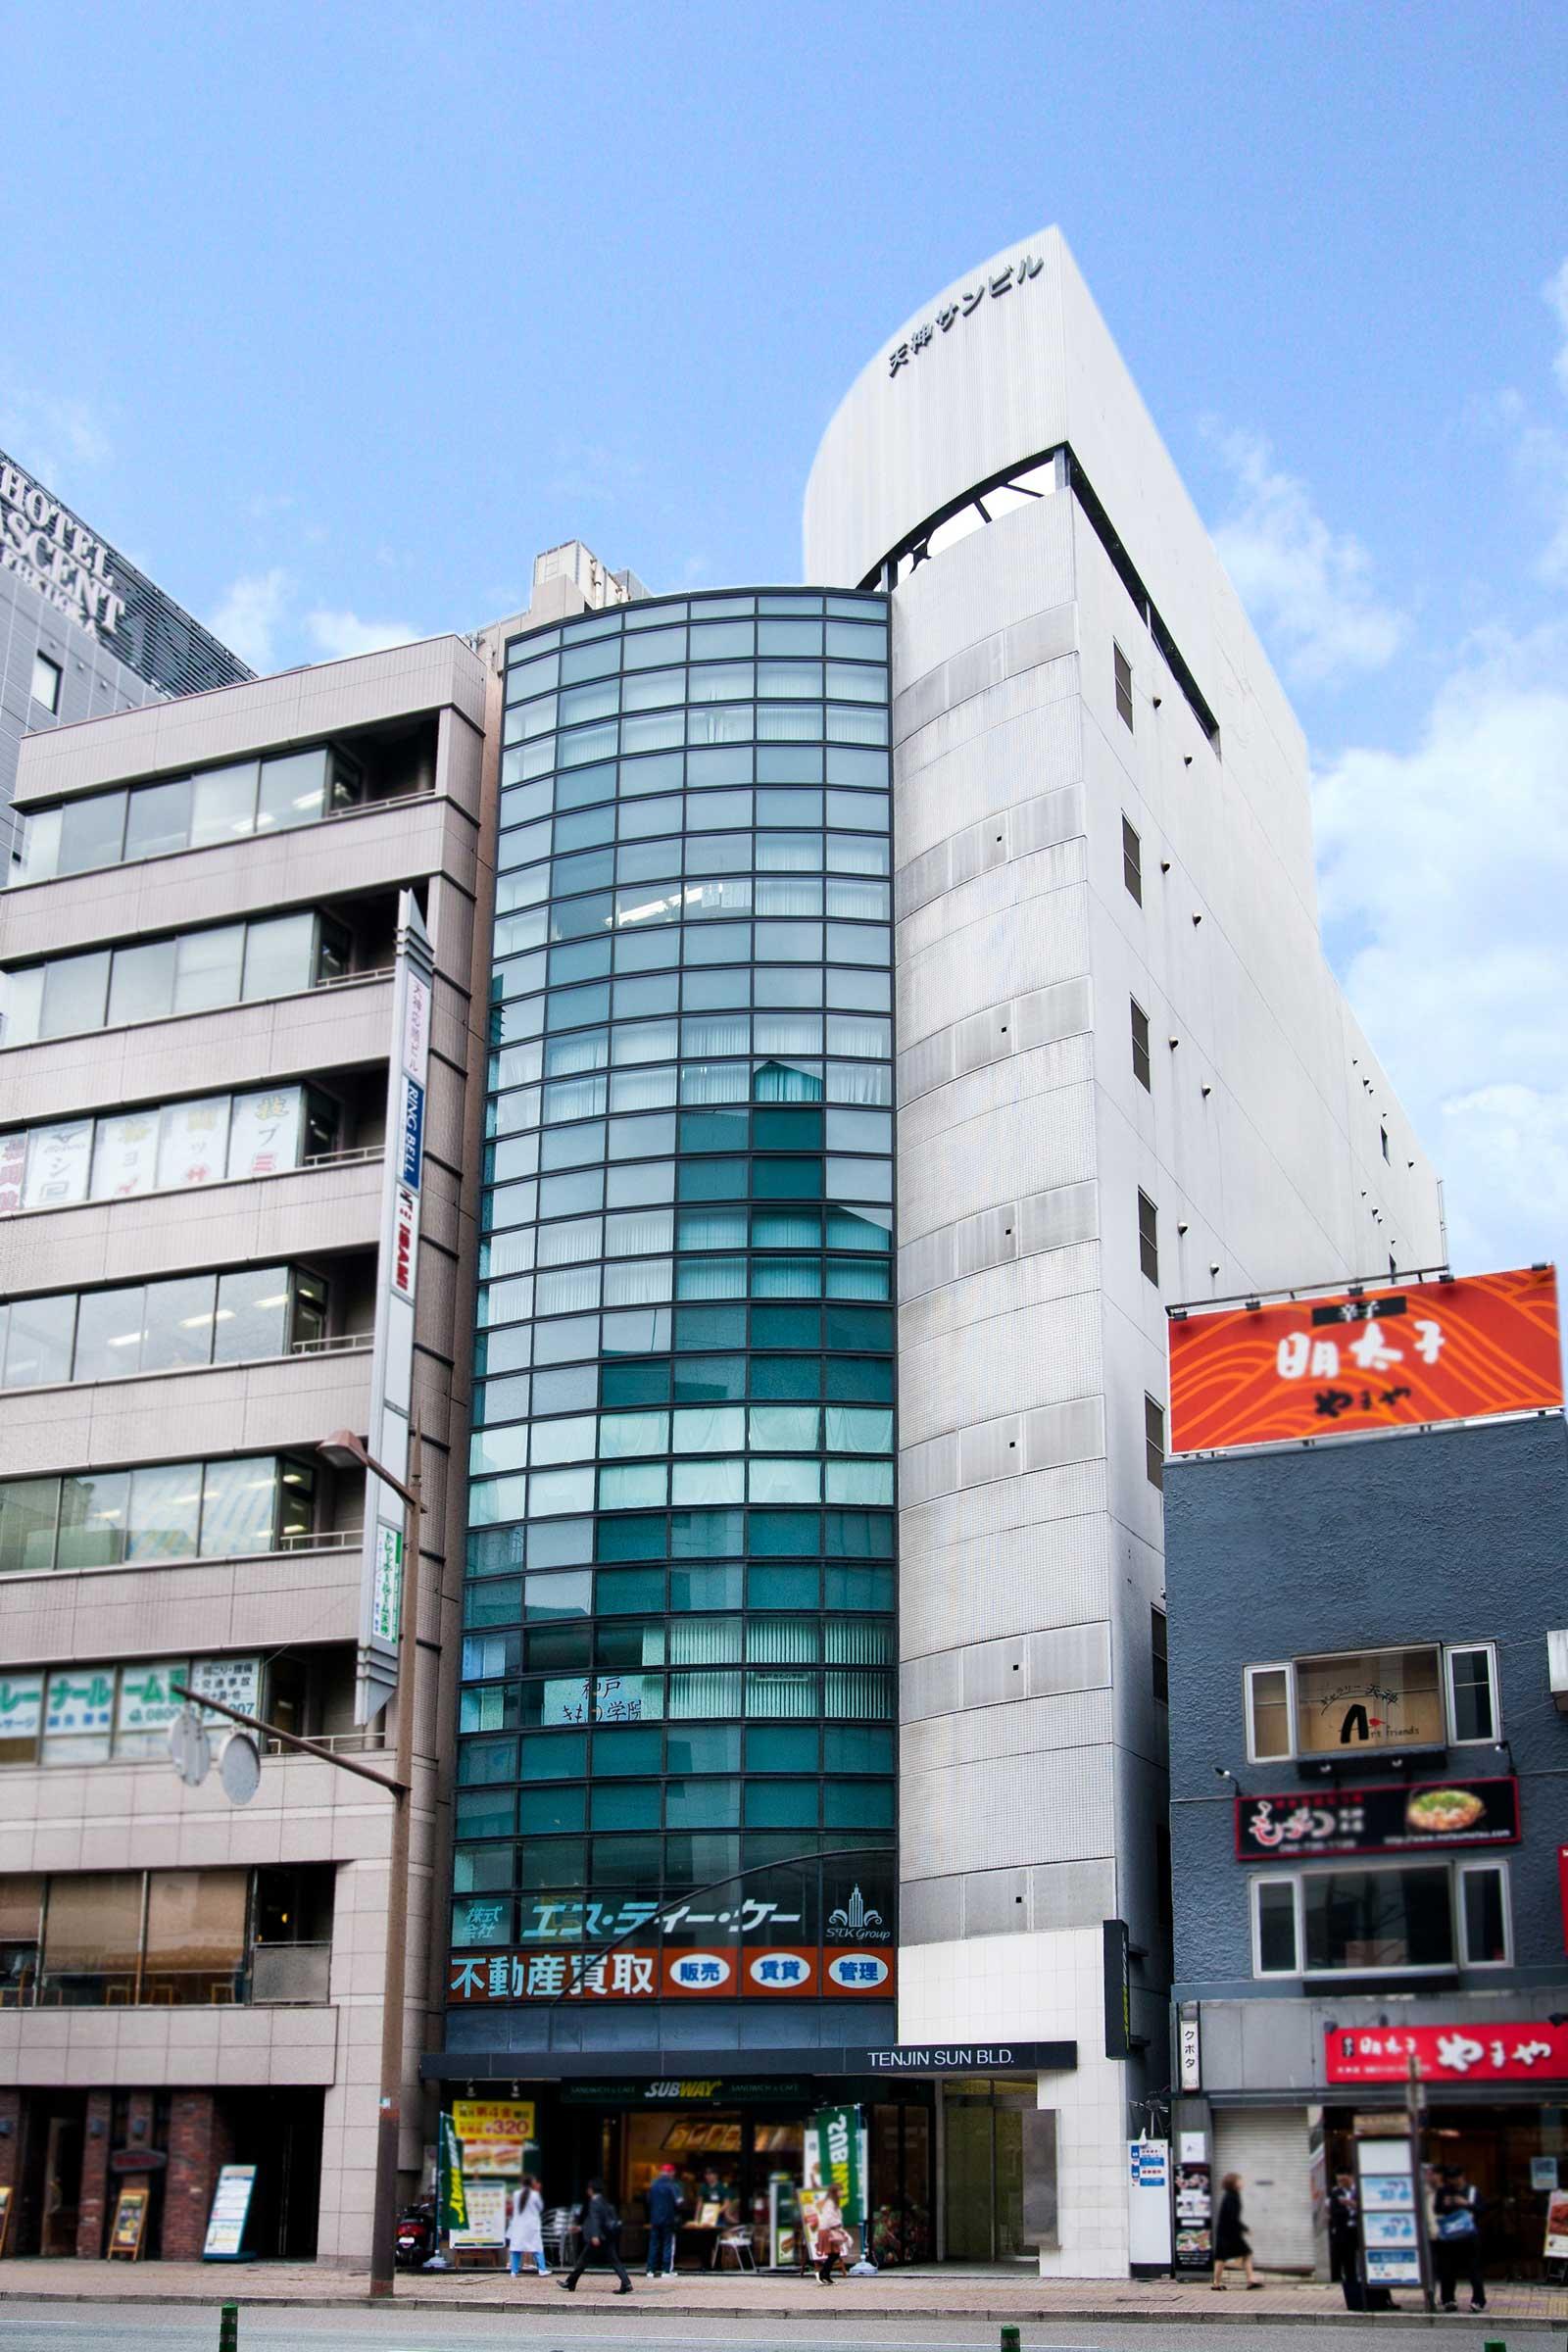 日本eリモデル福岡支店